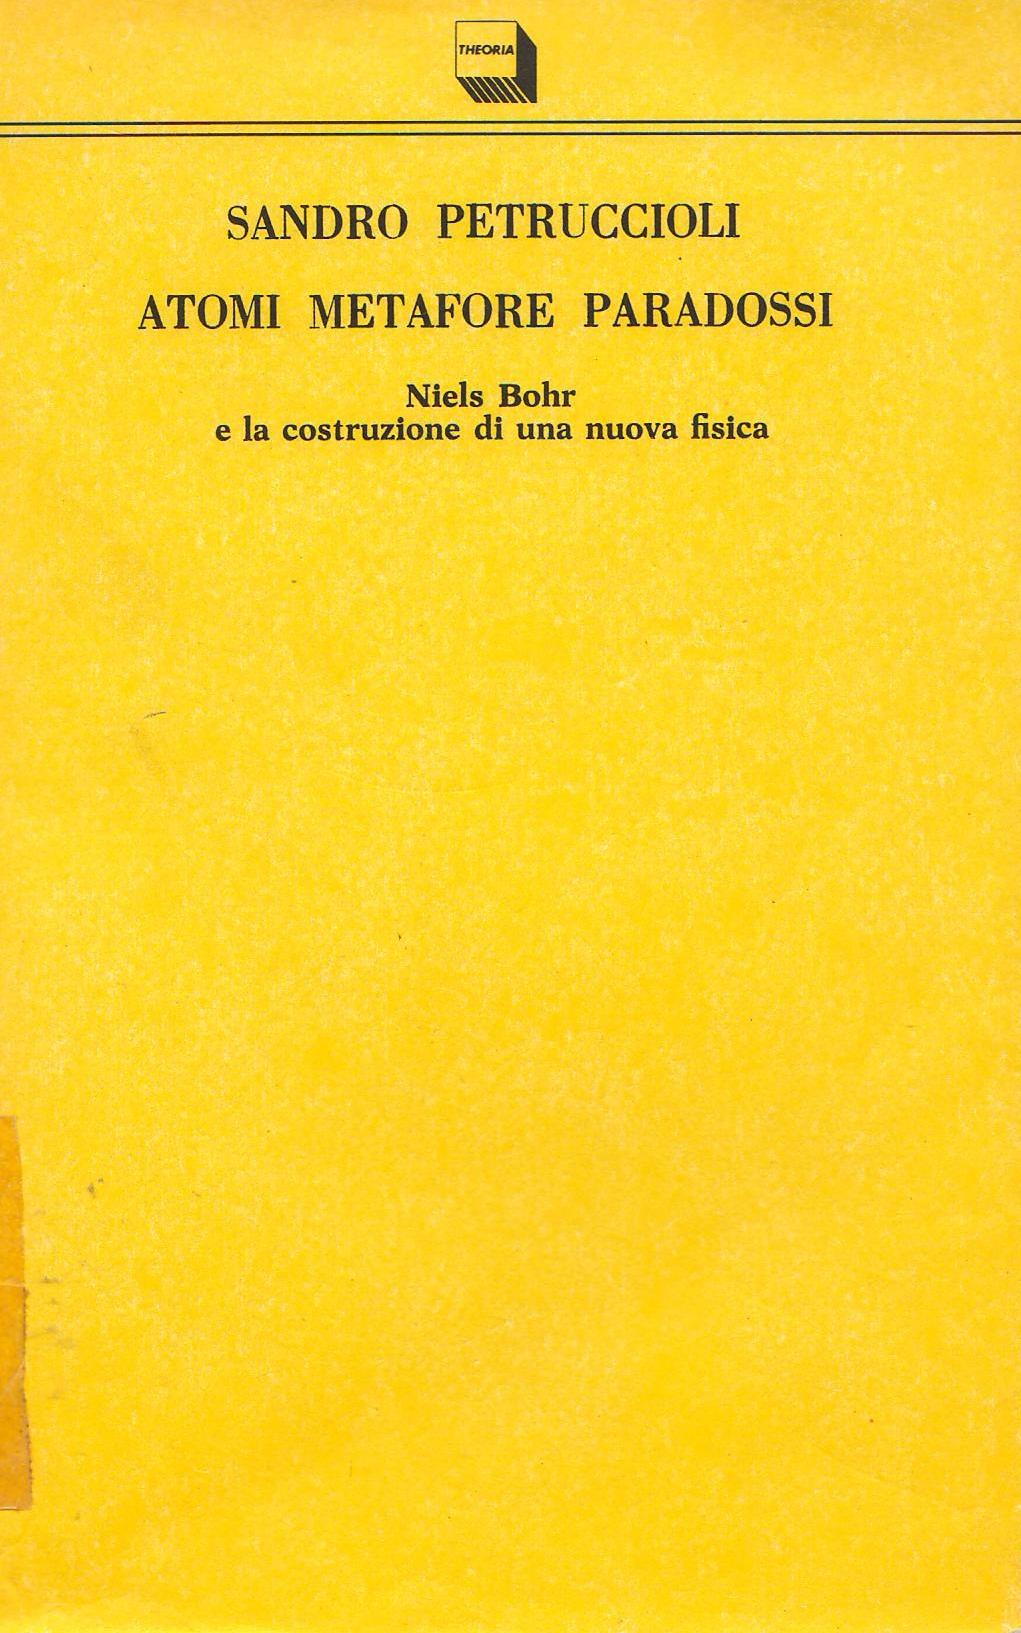 Atomi, metafore, paradossi